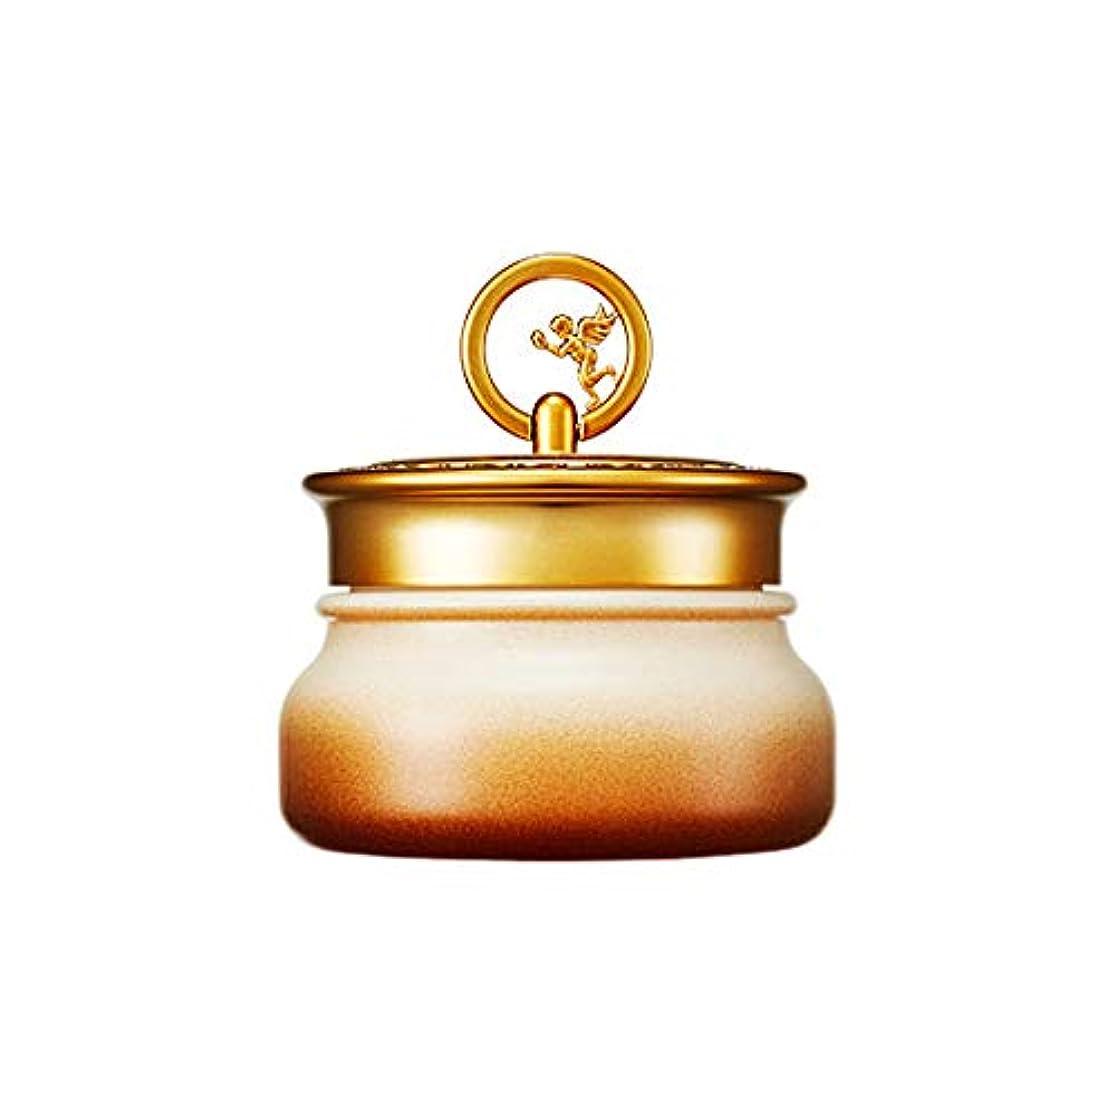 大胆求めるセンチメートルSkinfood ゴールドキャビアクリーム(しわケア) / Gold Caviar Cream (wrinkle care) 45g [並行輸入品]